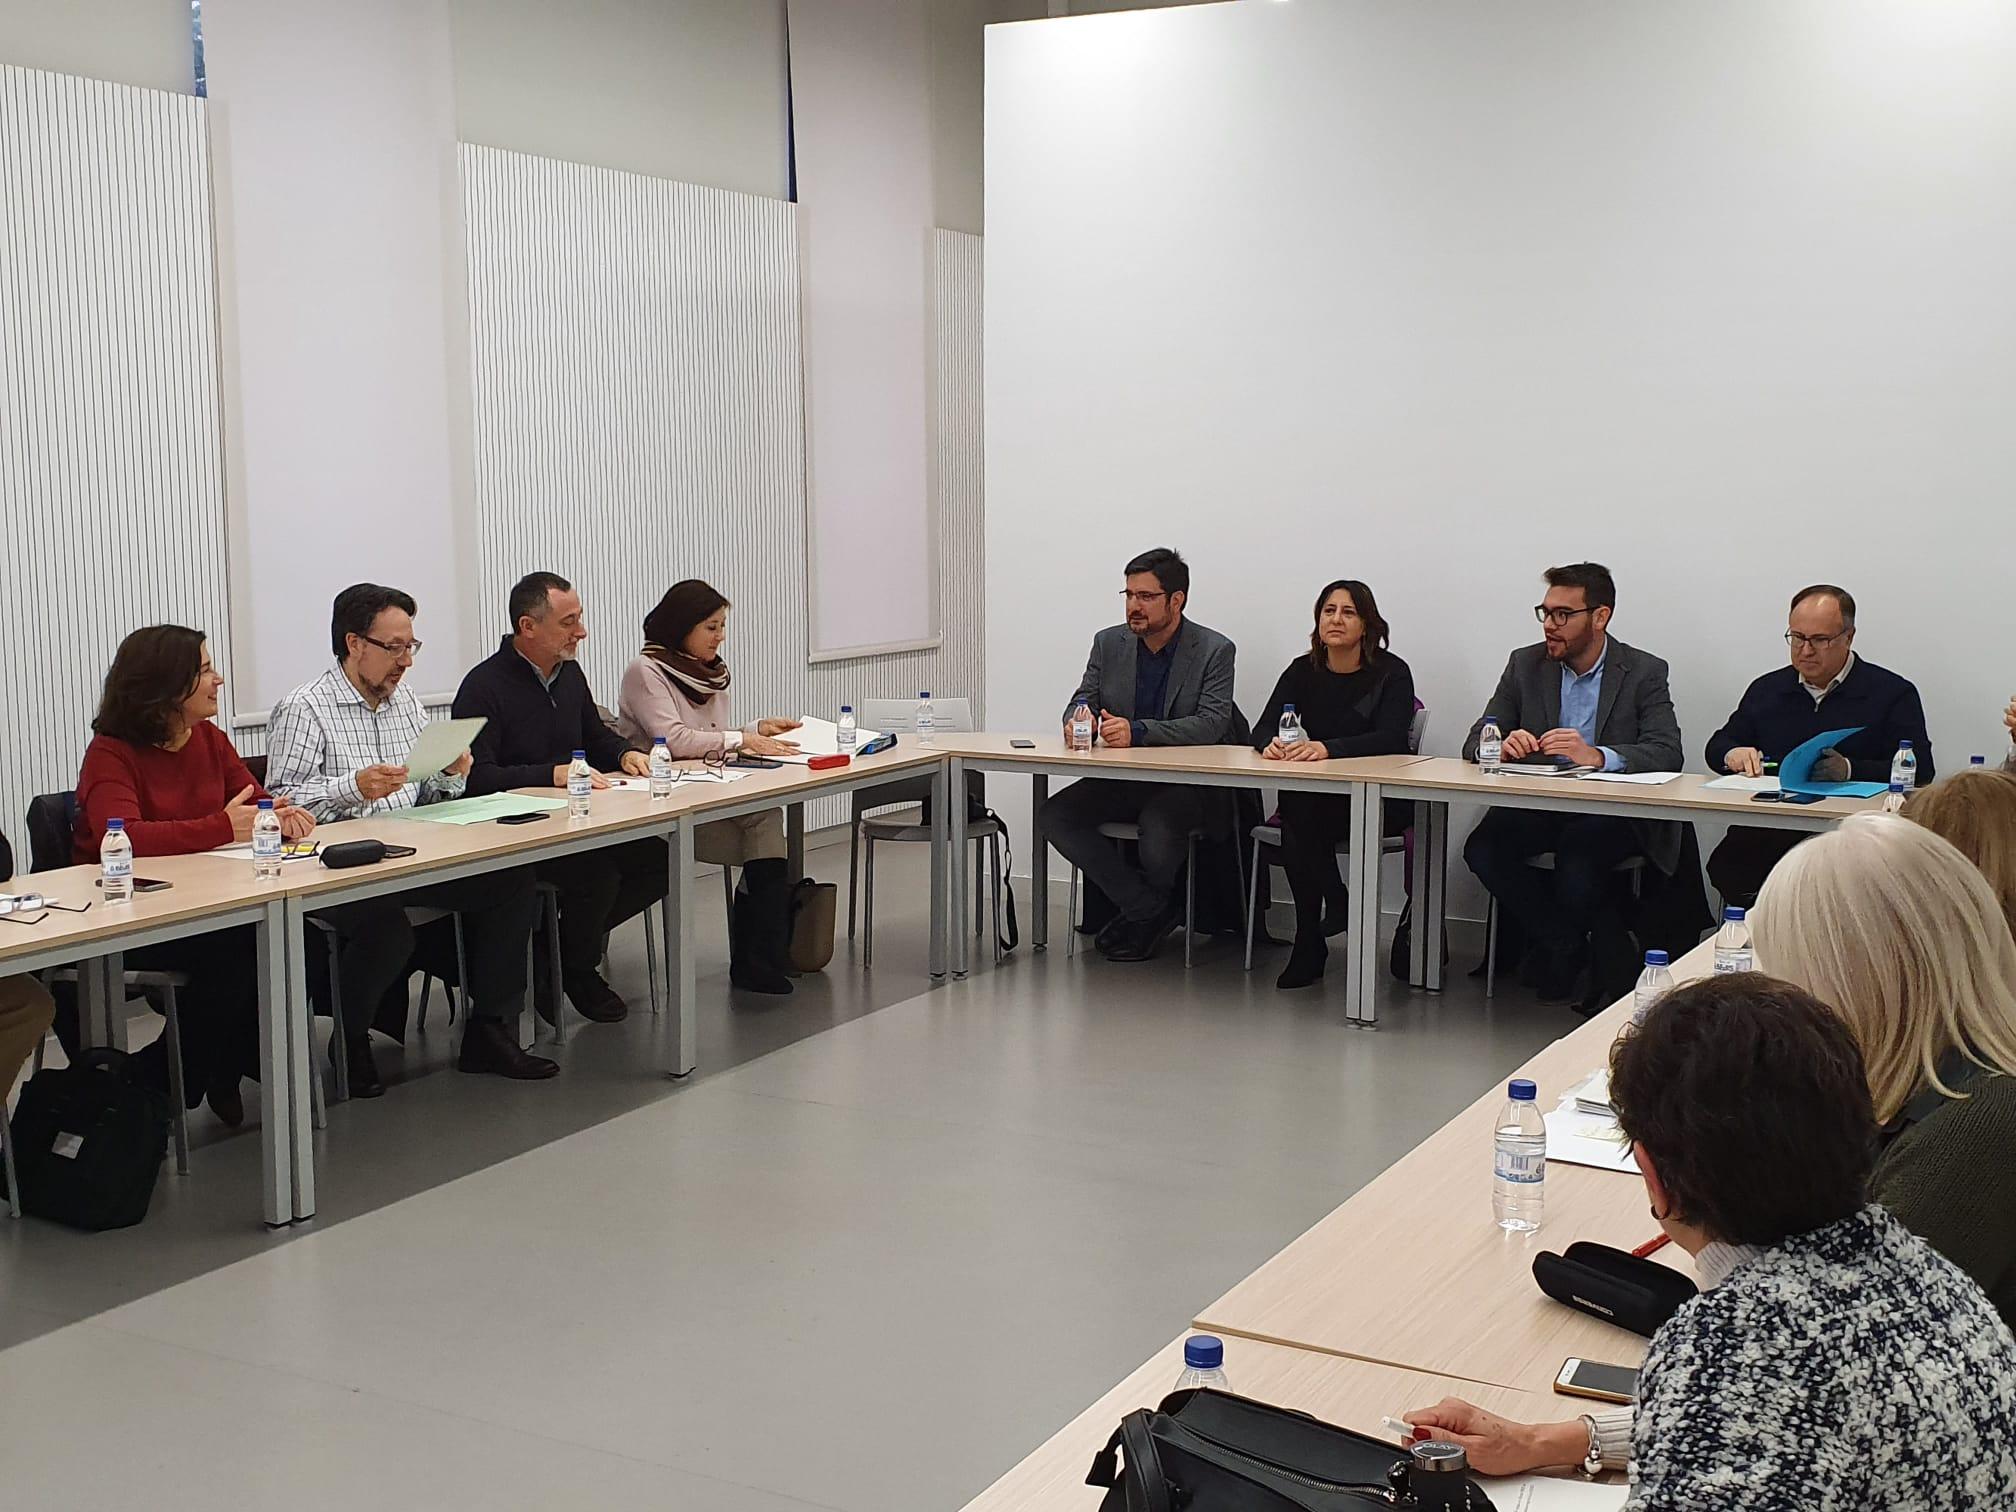 """Pérez Garijo destaca la tasca constant del personal de les oficines PROP en la millora de l""""atenció a la ciutadania"""